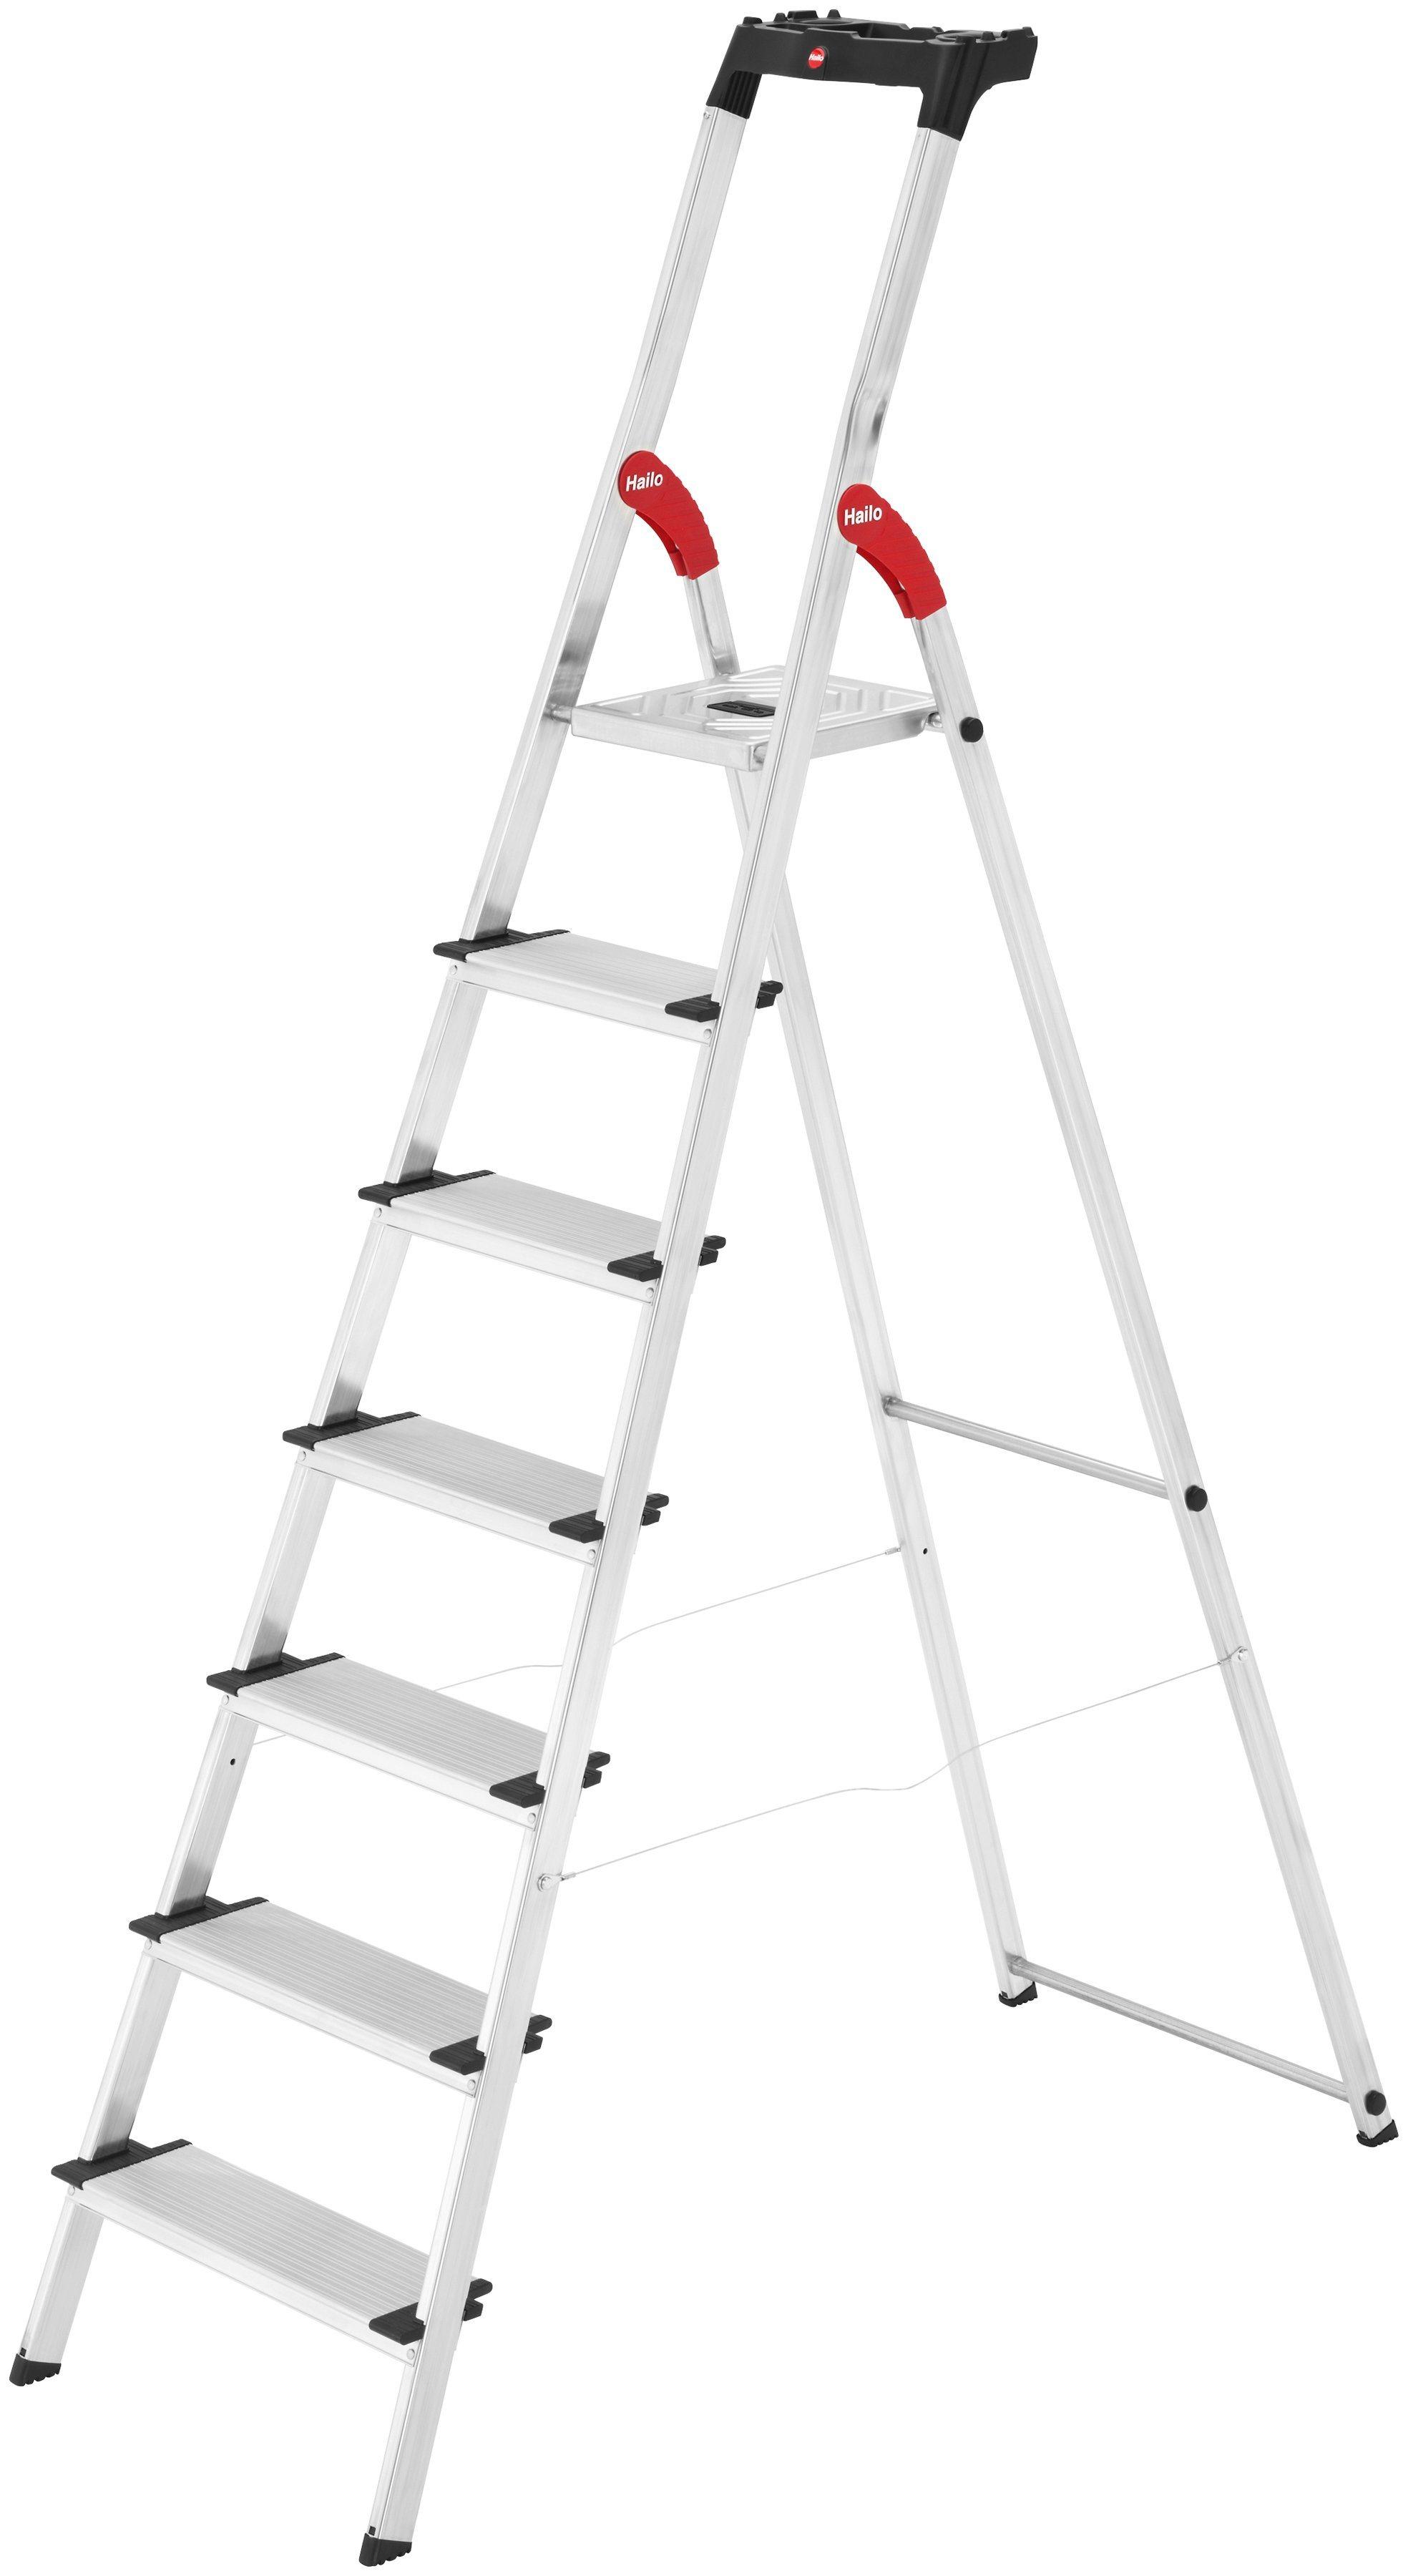 Hailo Sicherheitstrittleiter »XXL EasyClix« | Baumarkt > Leitern und Treppen > Trittleiter | Hailo